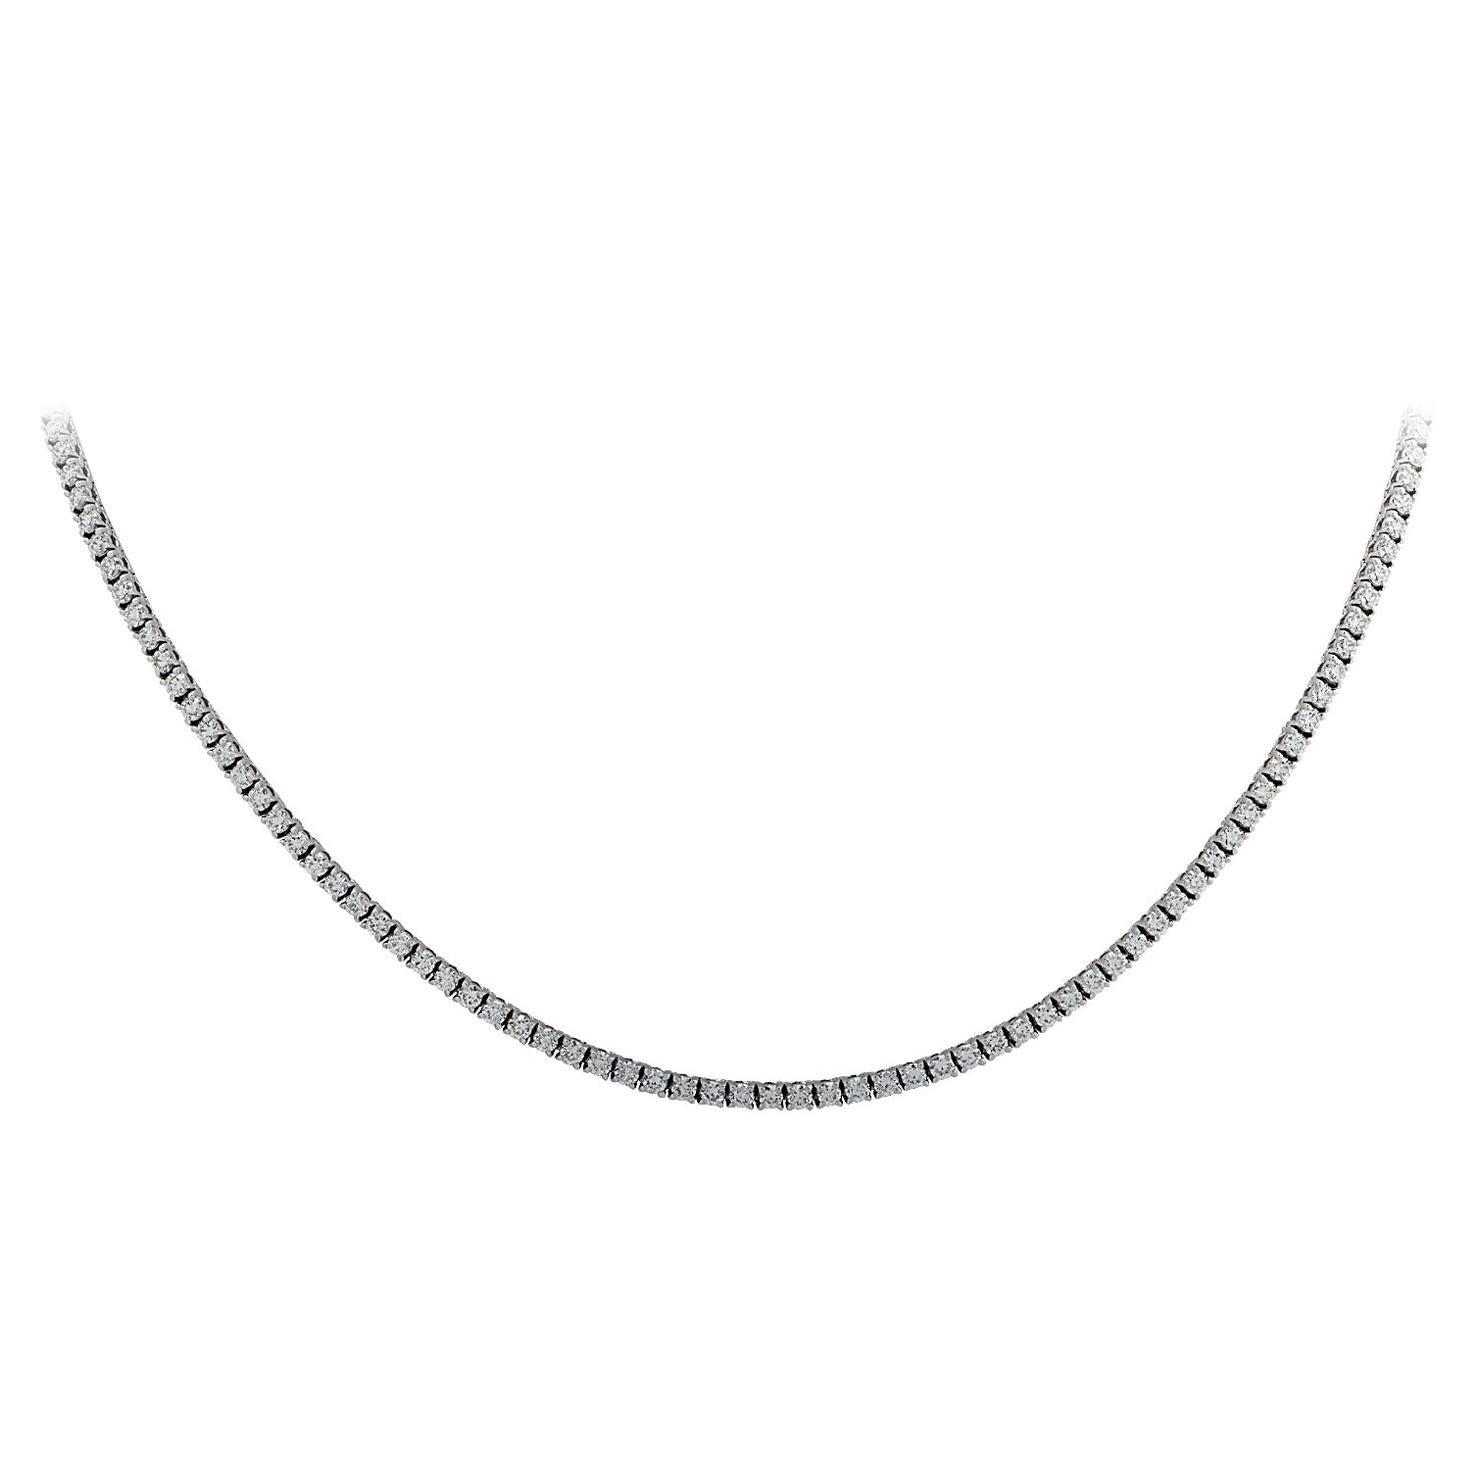 Vivid Diamonds 4.04 Carat Straight Line Diamond Tennis Necklace